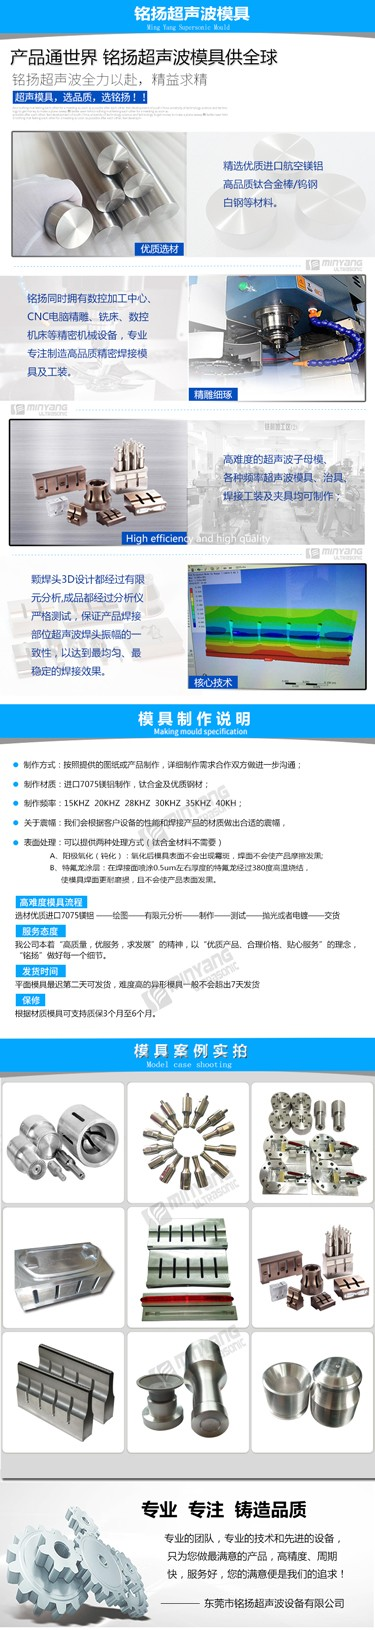 超声波模具|超声波焊头|超声波工装夹具|超声波治具|制作